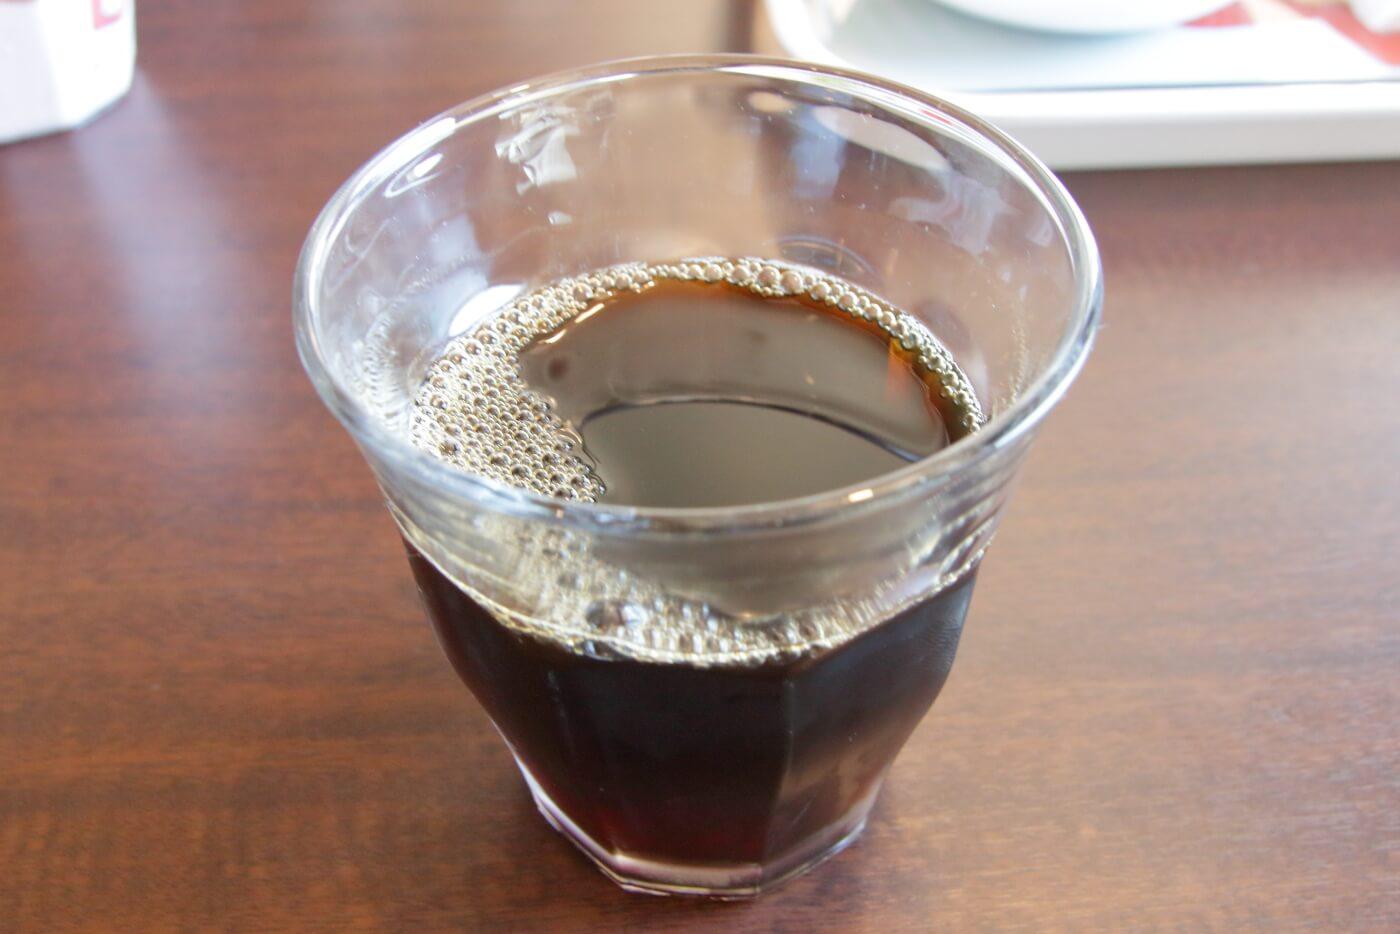 台湾料理鑫旺(シンオウ)ランチのアイスコーヒー 高知市大津